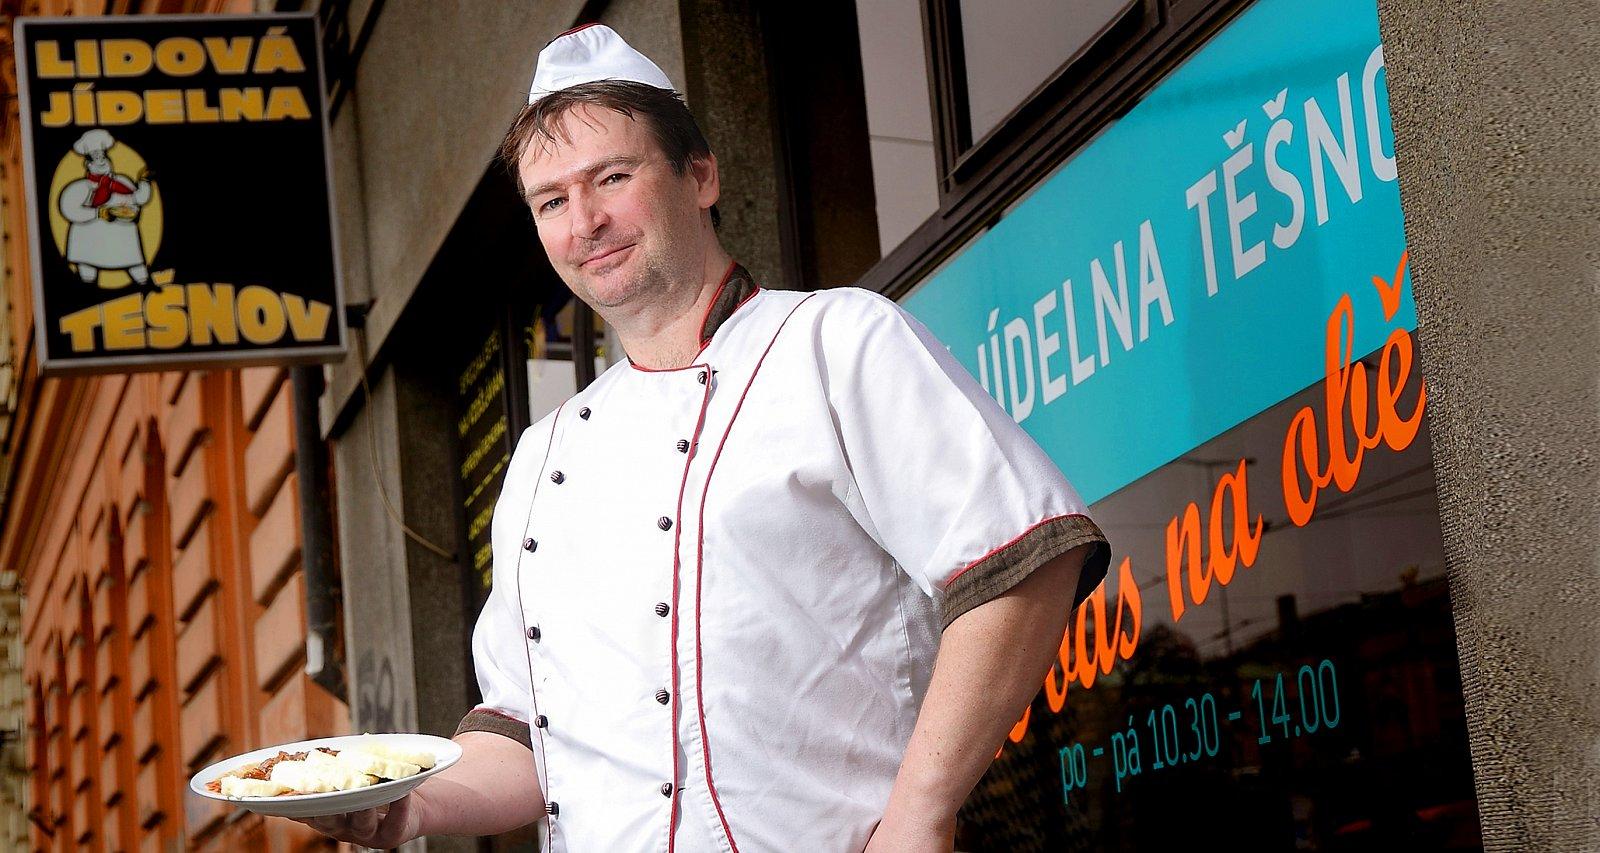 Lidová jídelna není jen název, ale i koncept celého podniku